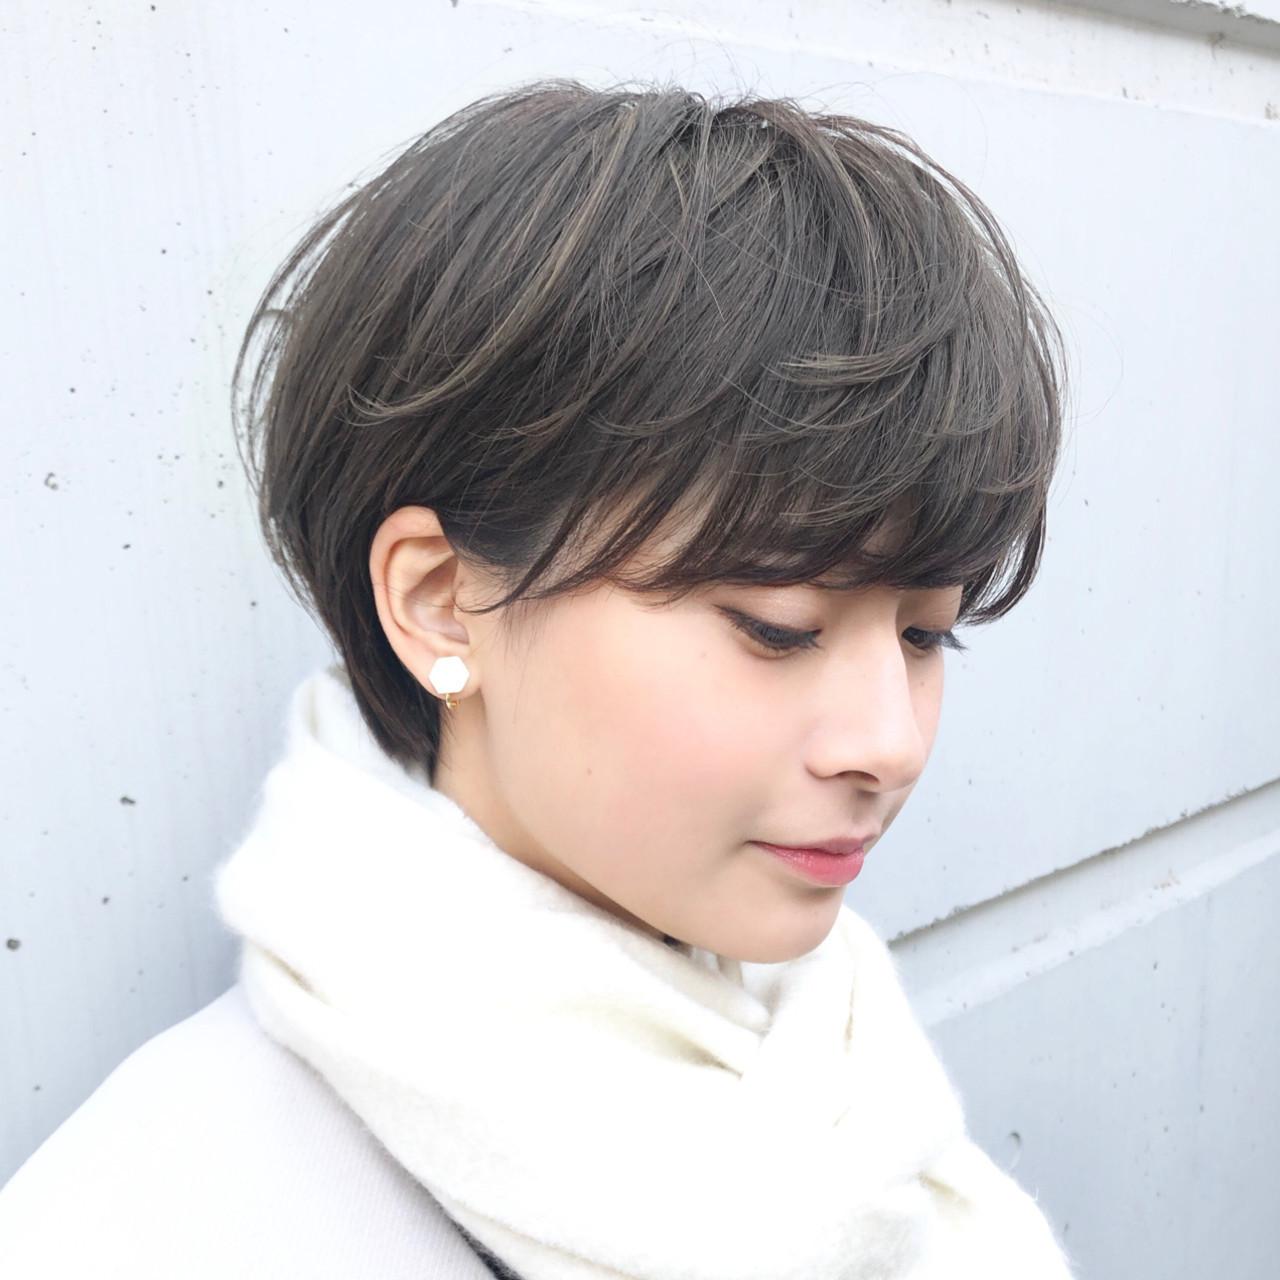 【髪型に迷う女子必見!】流行りの髪型でおしゃれ女子に変身♡の3枚目の画像